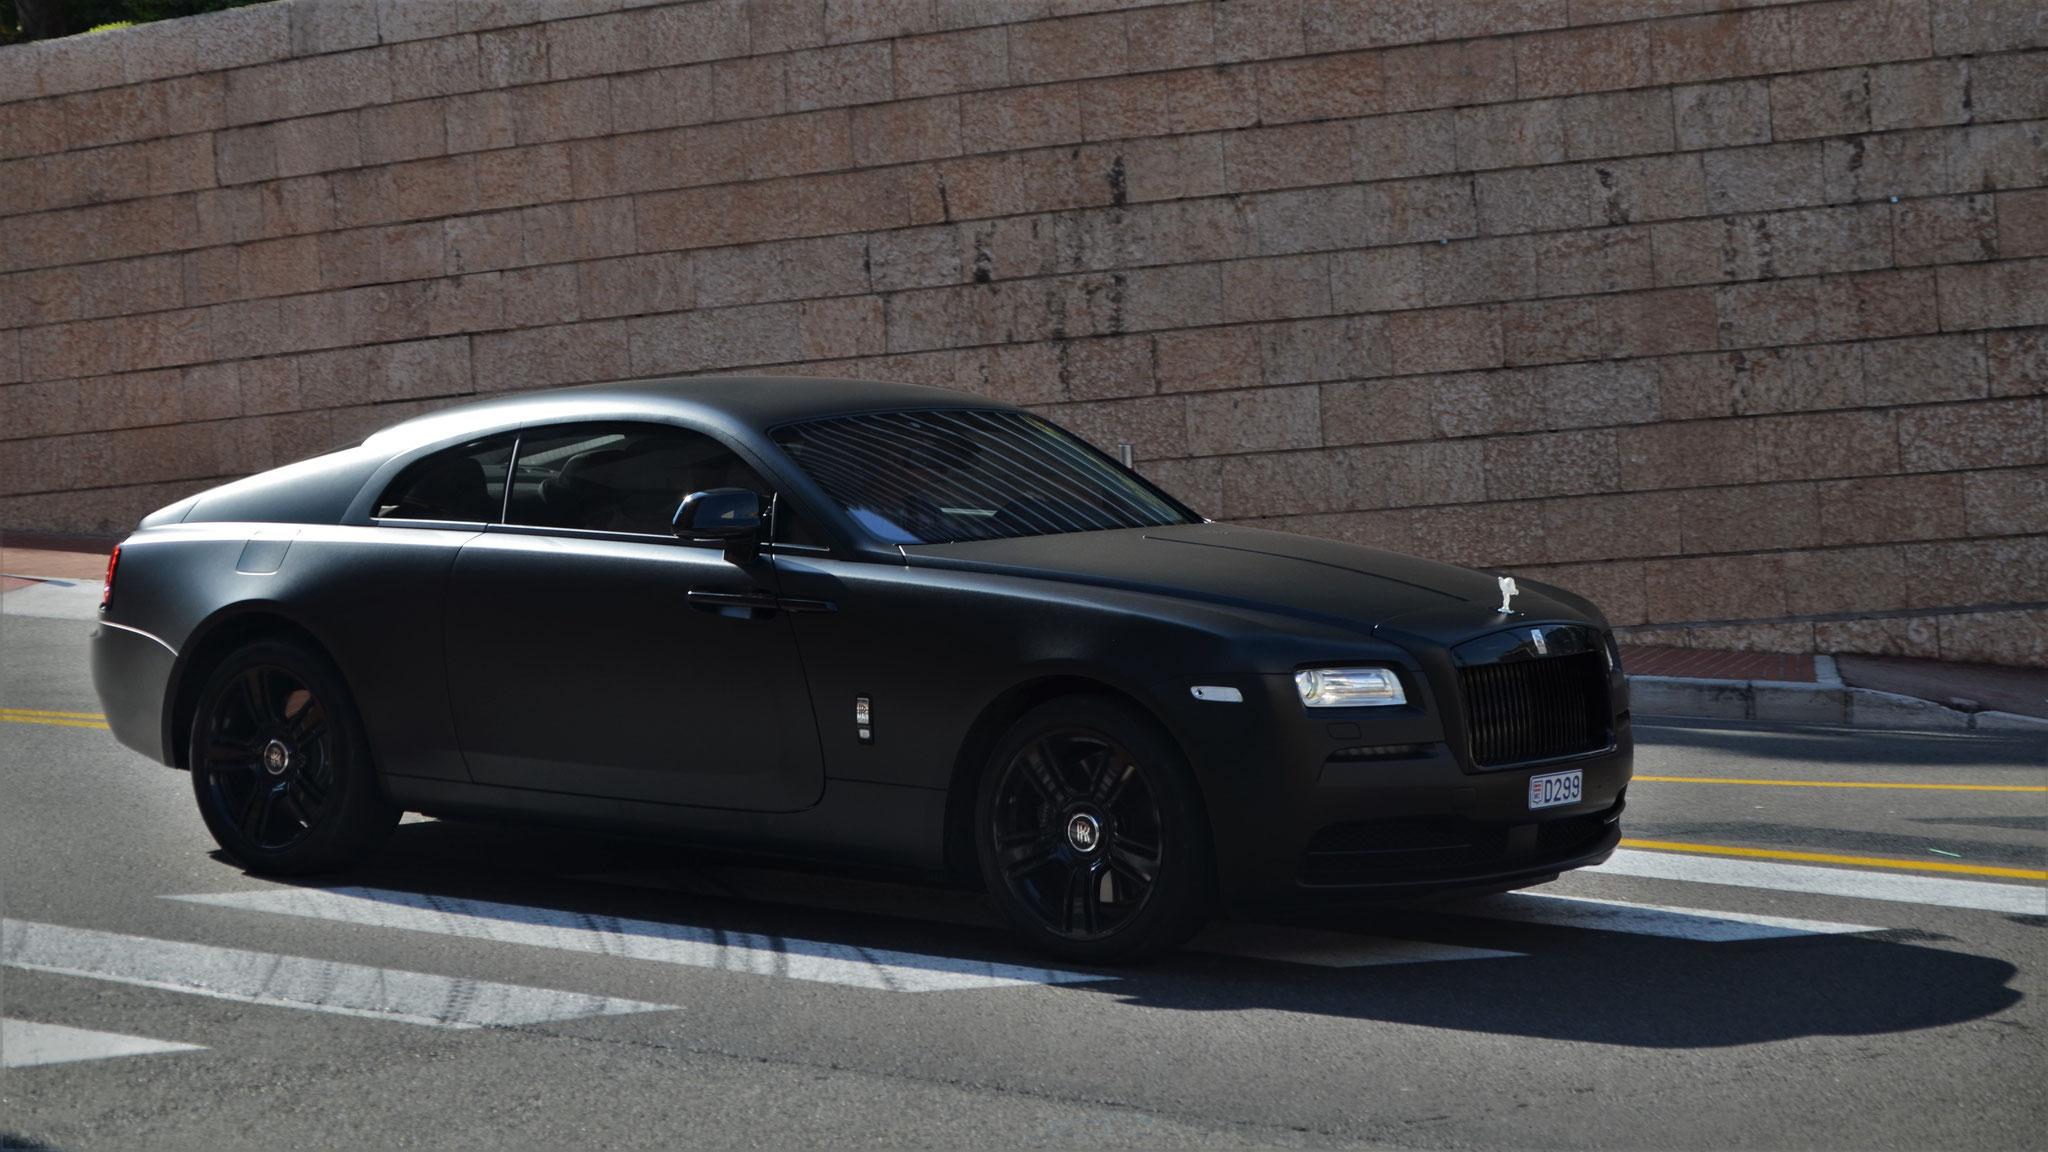 Rolls Royce Wraith - D299 (MC)